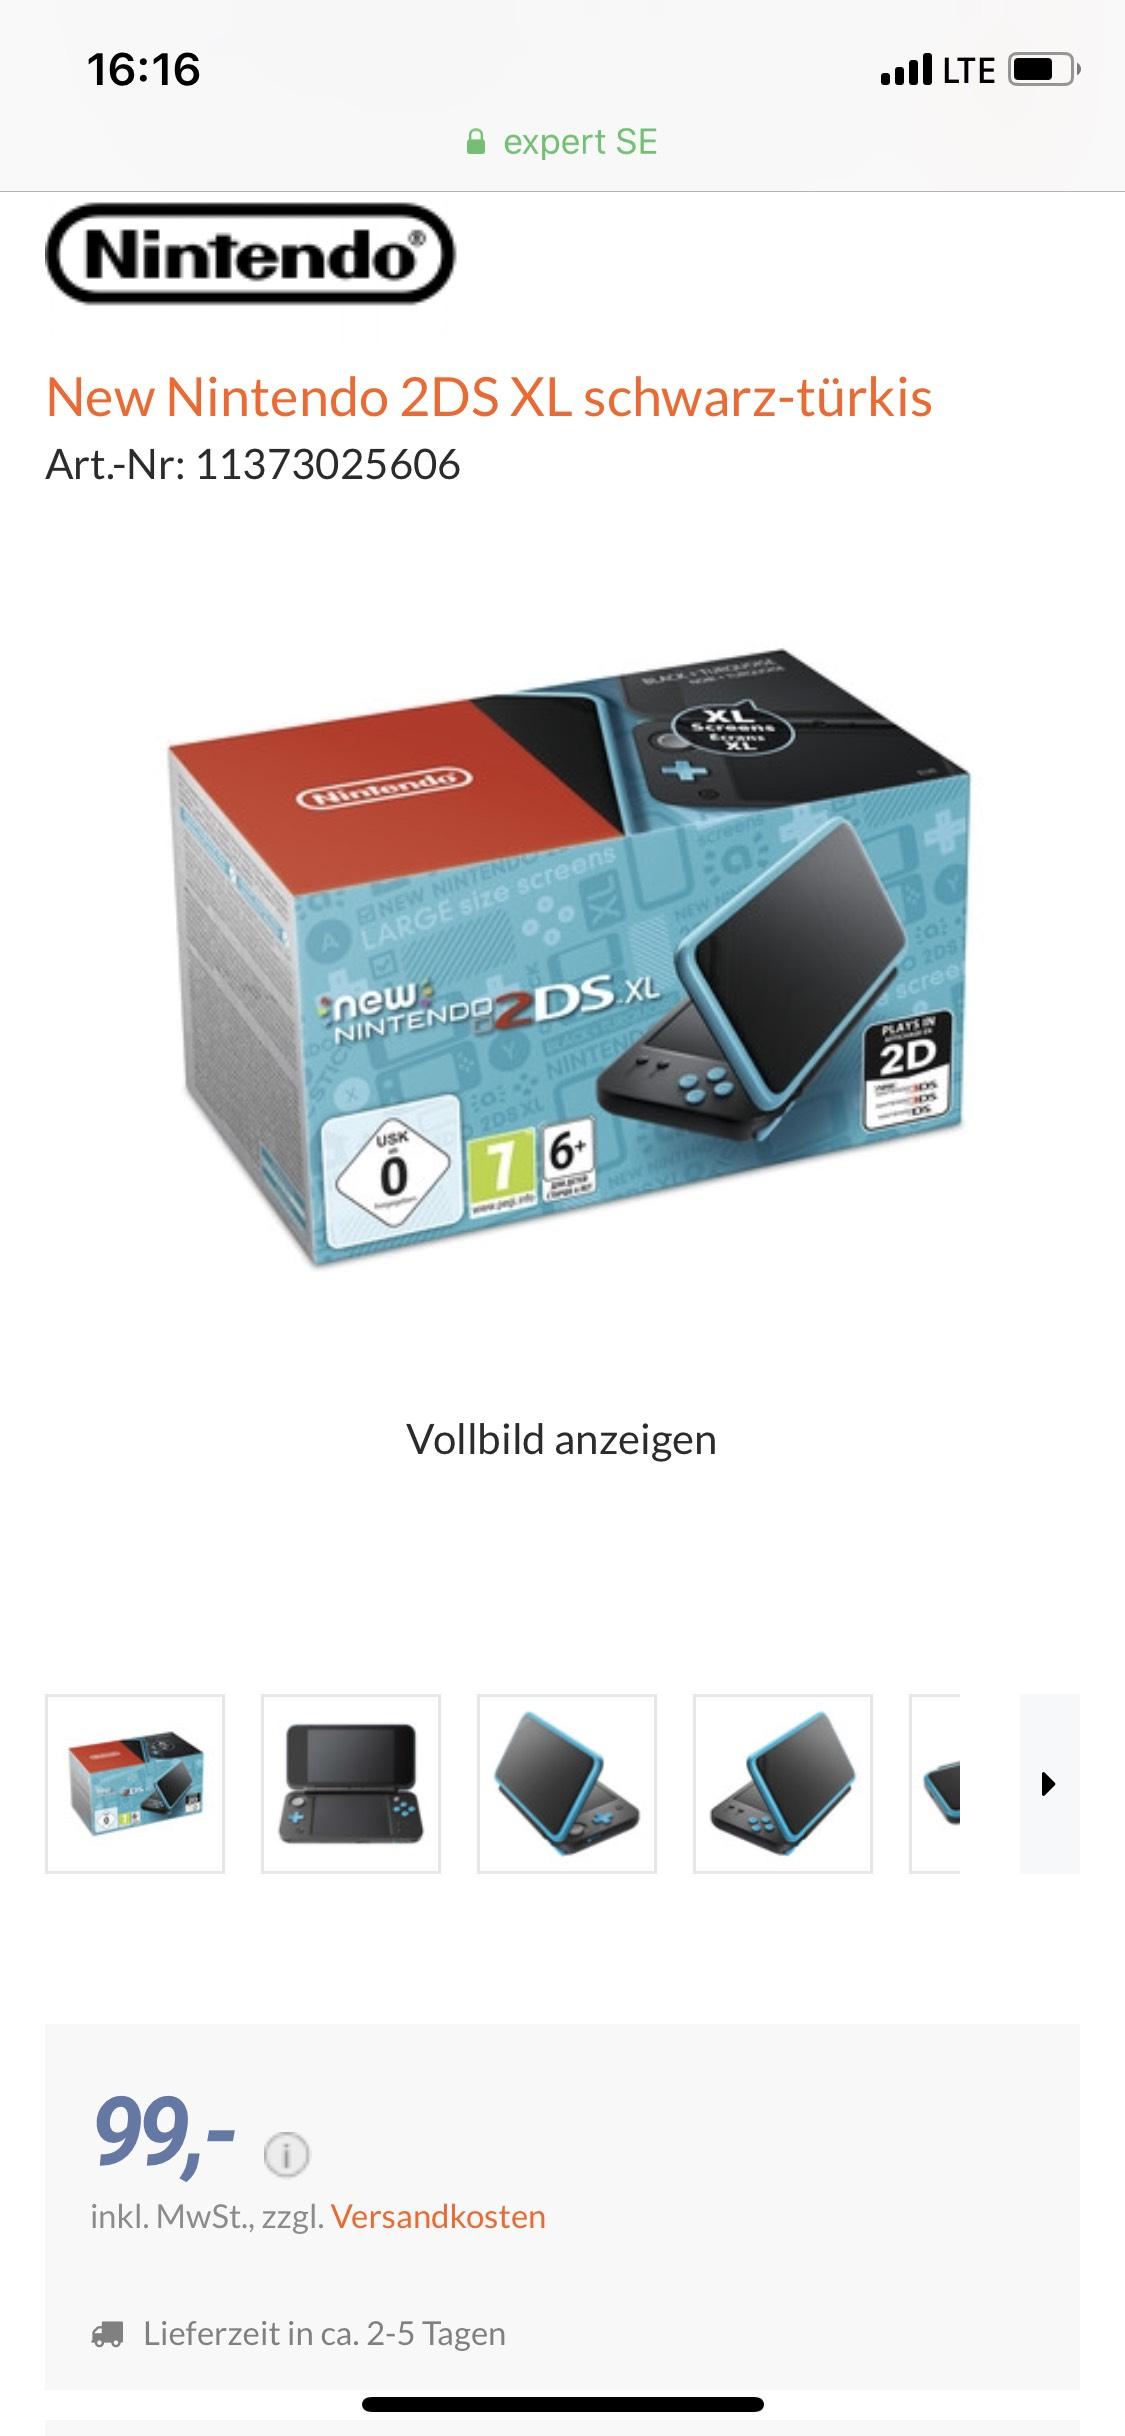 Nintendo New 2DS XL schwarz-türkis 102,99€ mit Versand